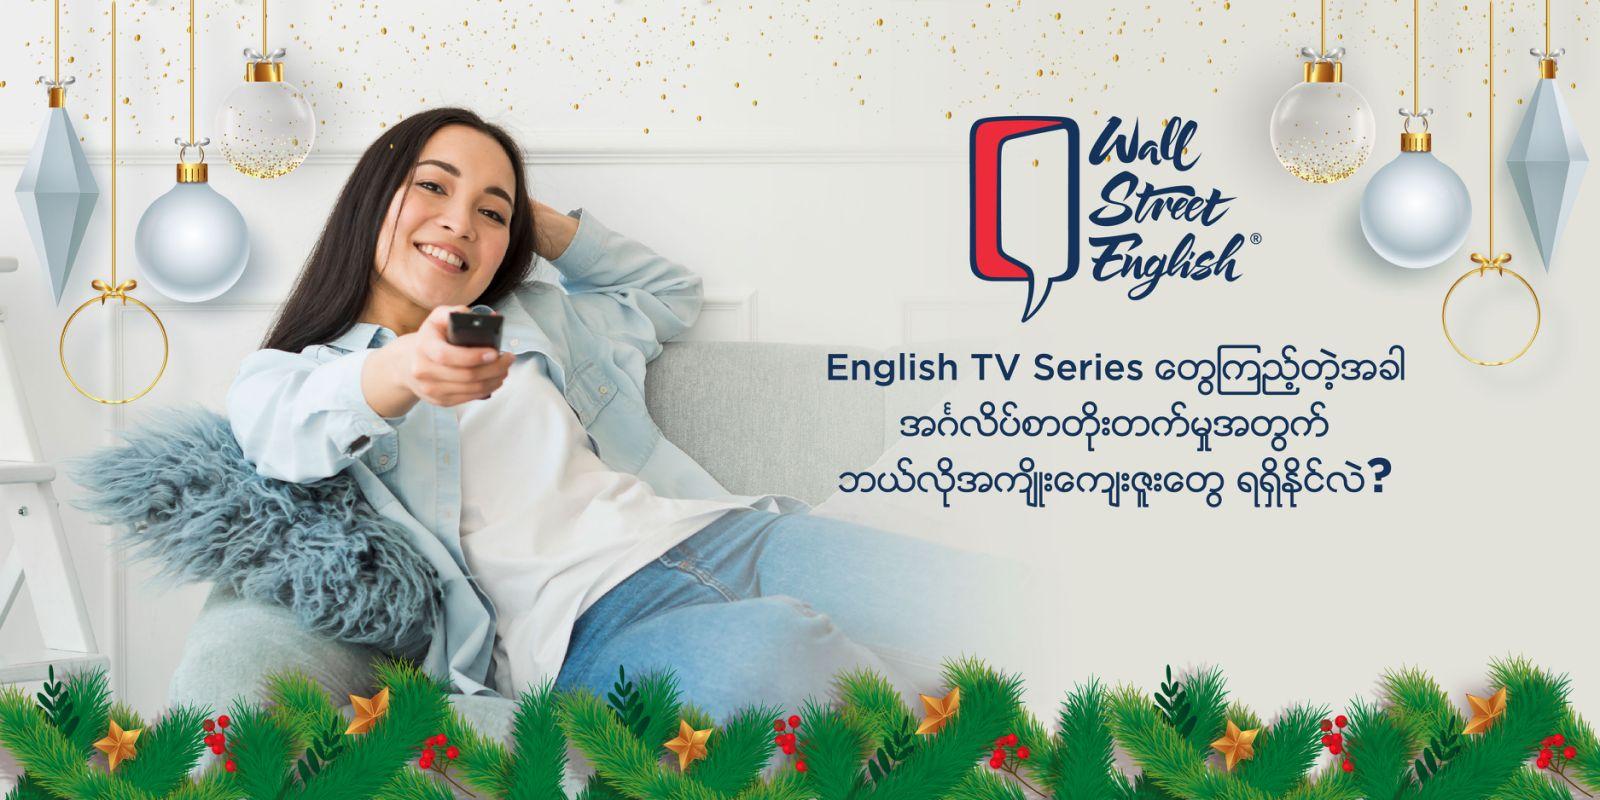 English TV Series တွေကြည့်တဲ့အခါ အင်္ဂလိပ်စာတိုးတက်မှုအတွက် ဘယ်လို အကျိုးကျေးဇူးတွေ ရရှိနိုင်လဲ?